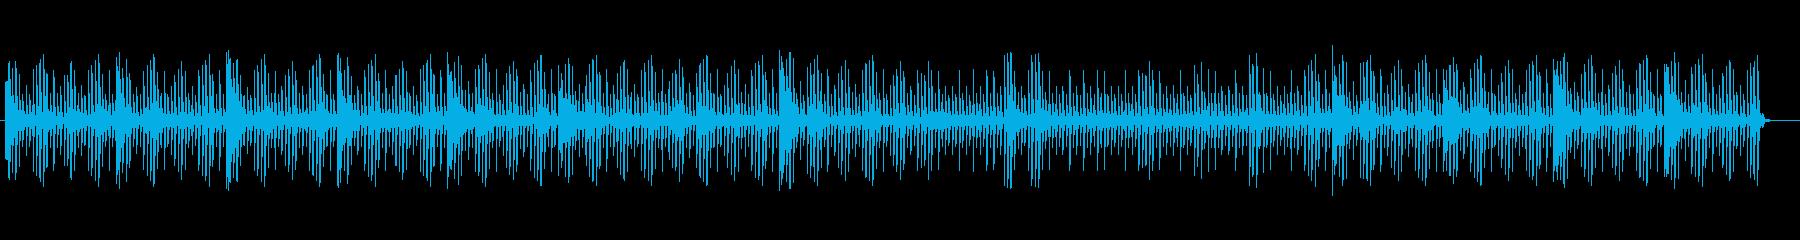 ヒーリングミュージックなテクノの再生済みの波形